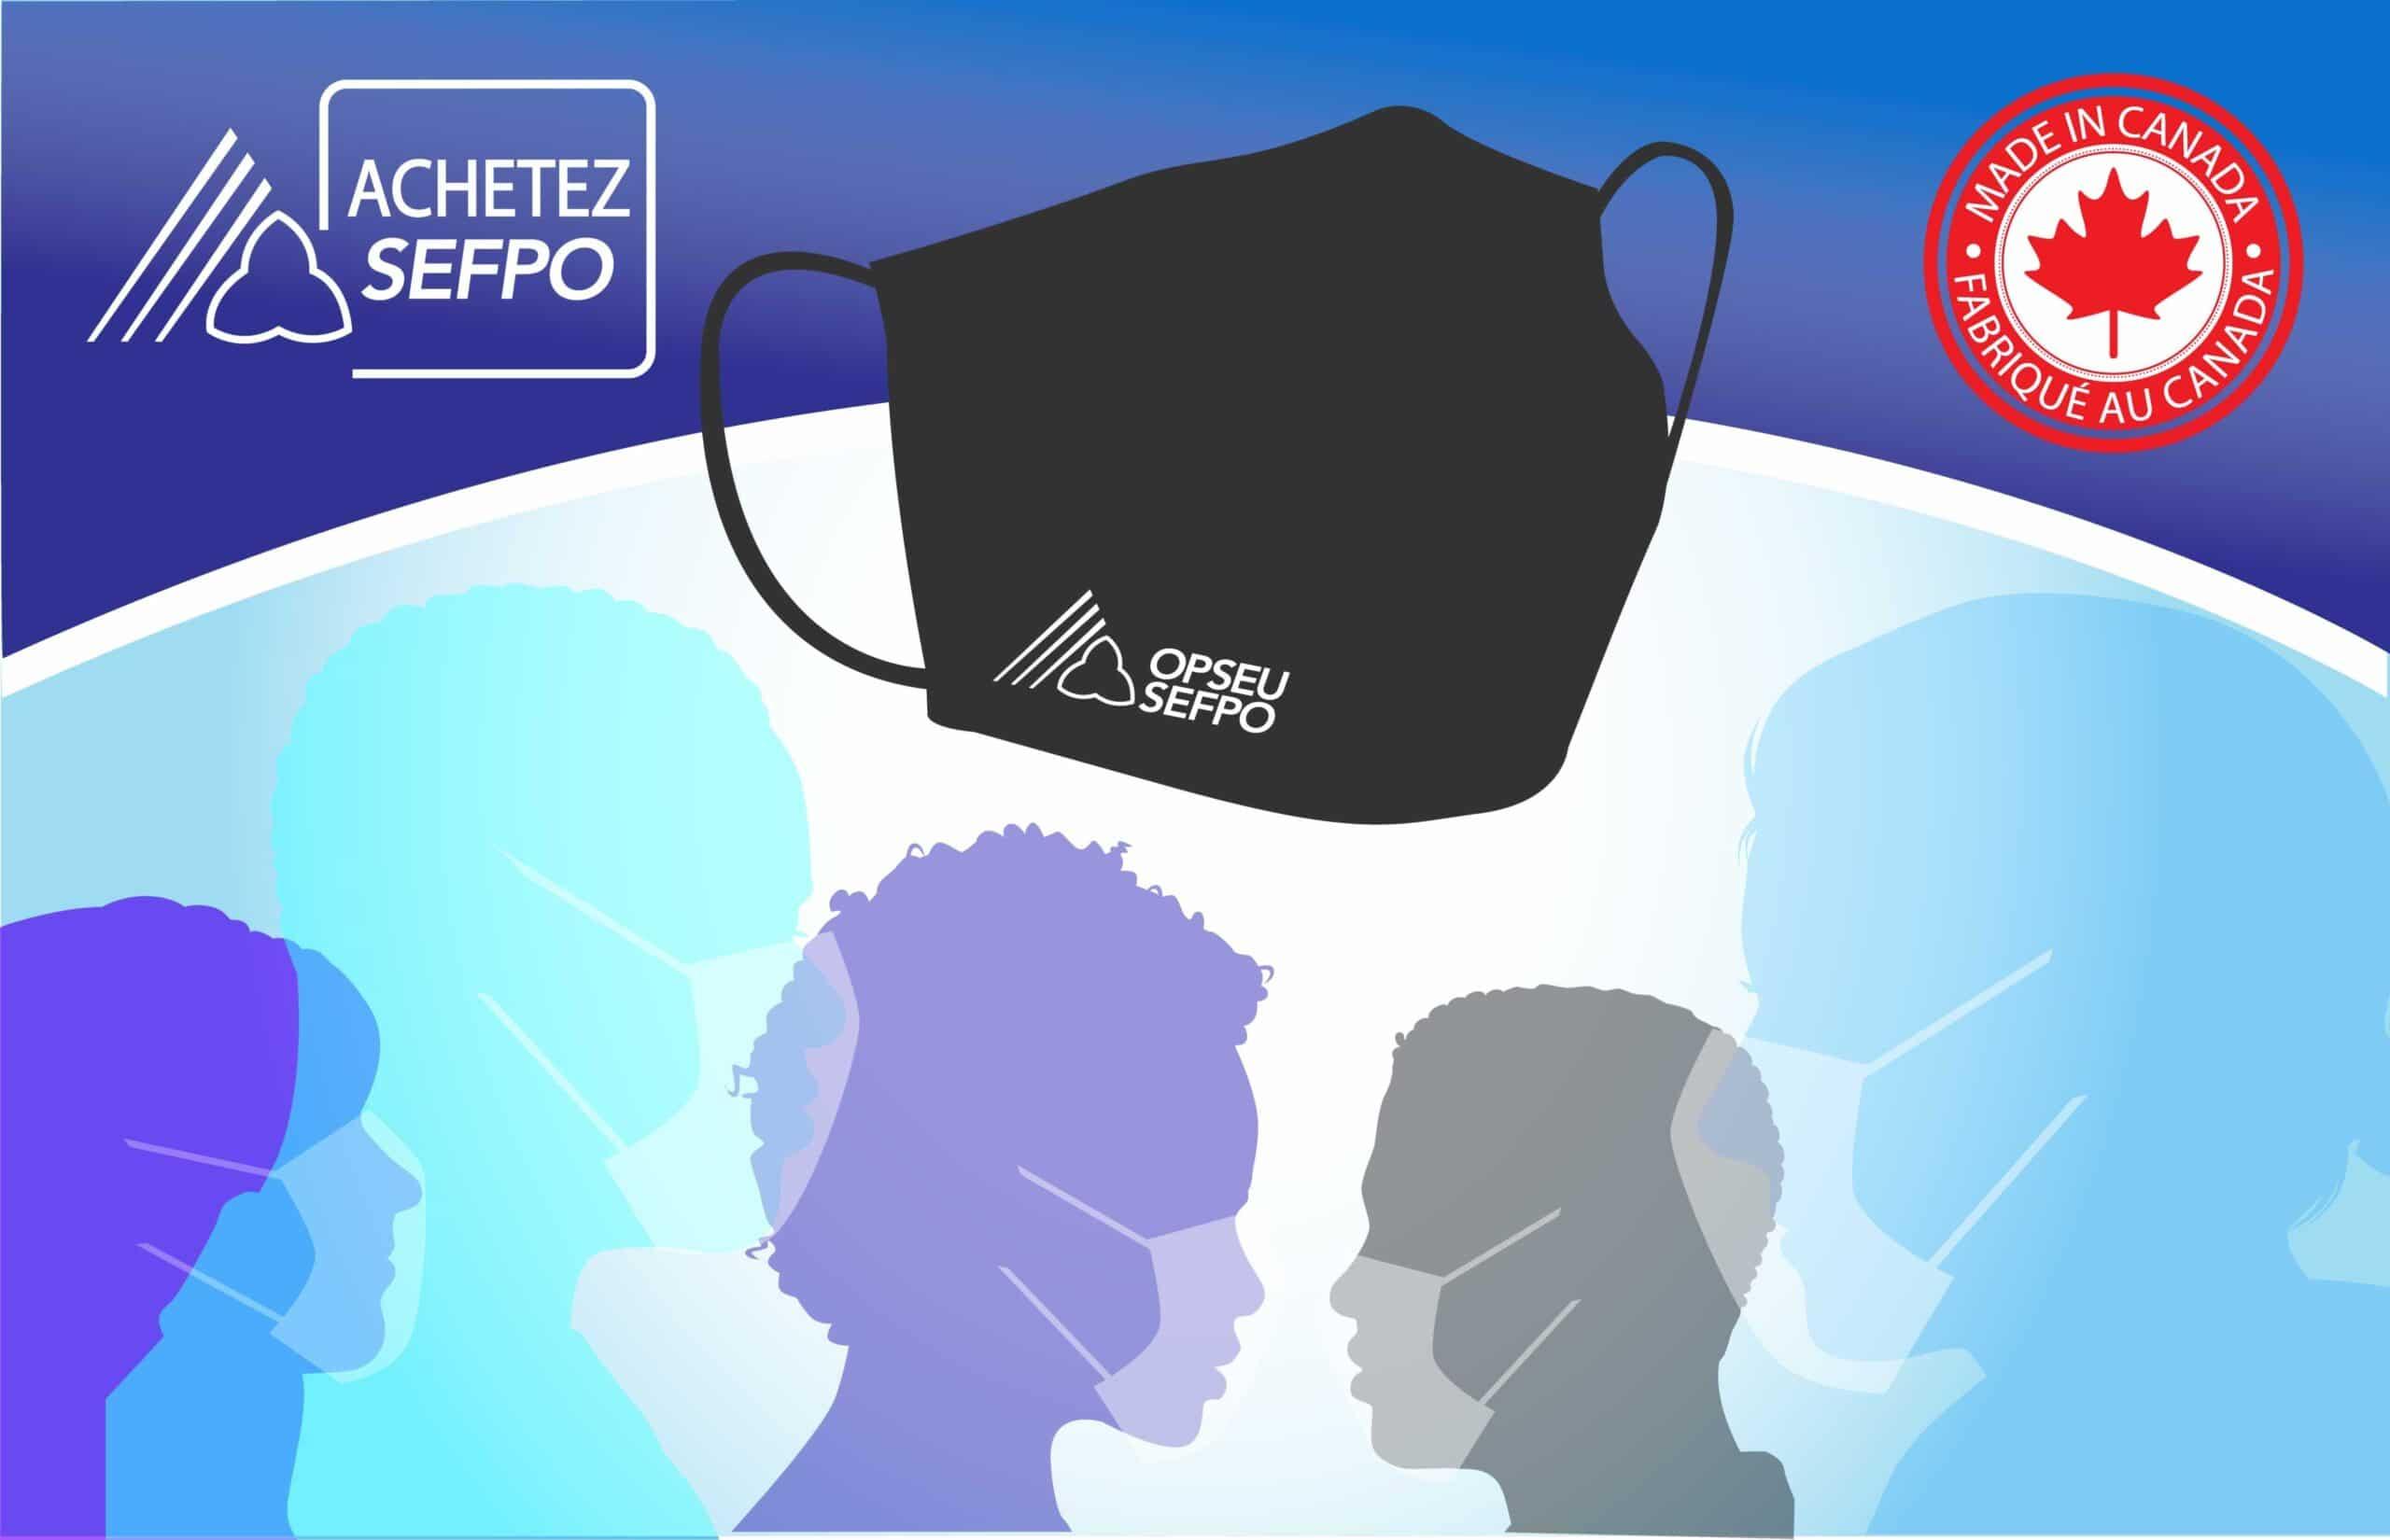 OPSEU SEFPO face masks